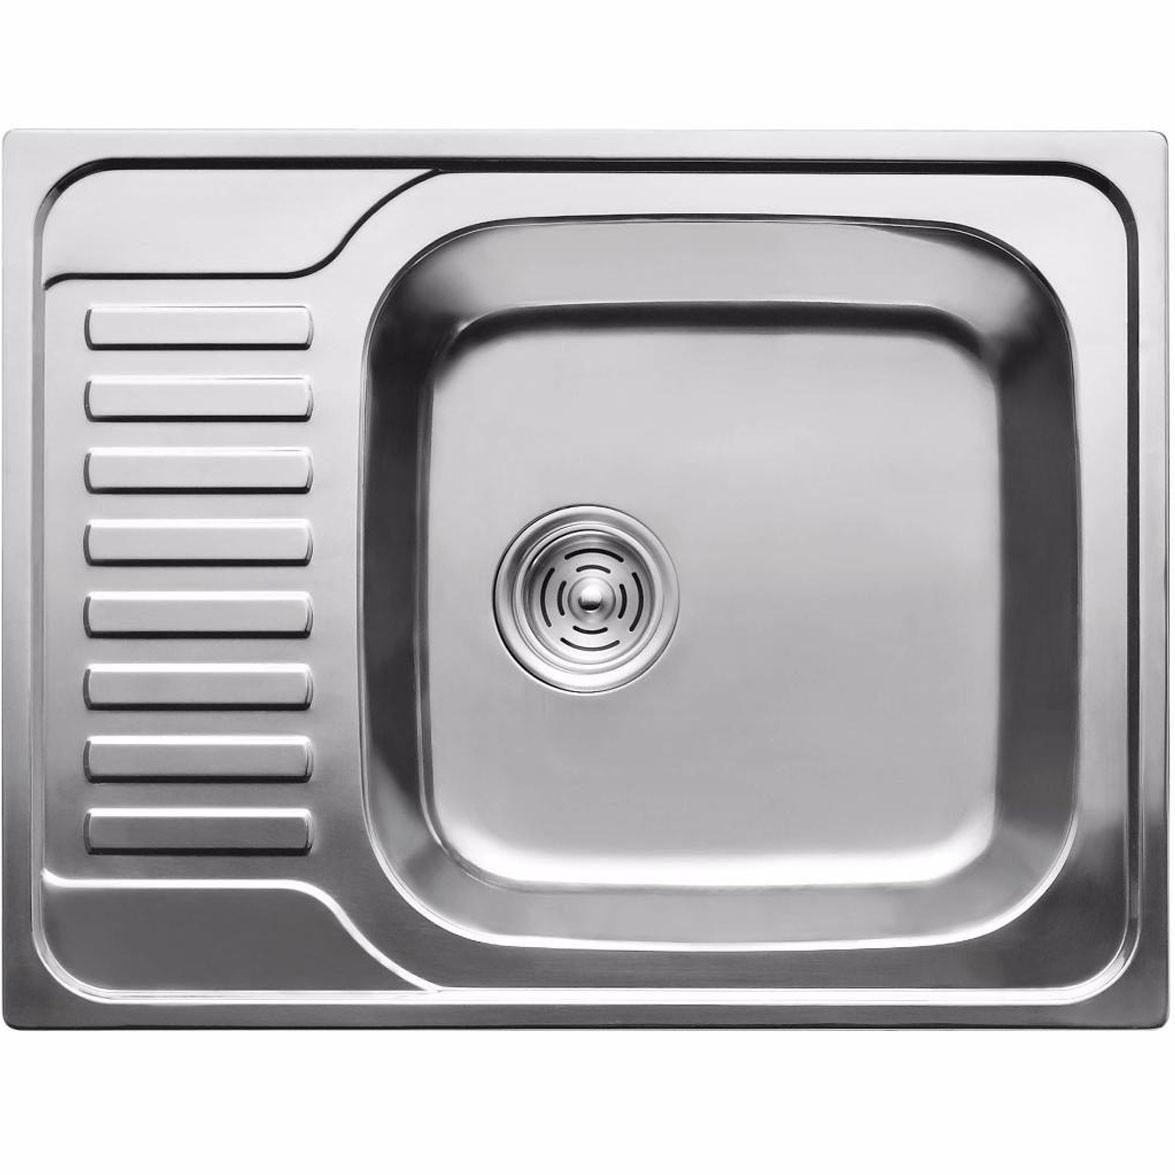 Кухонная мойка из нержавеющей стали ULA 7201 ZS satin 08мм